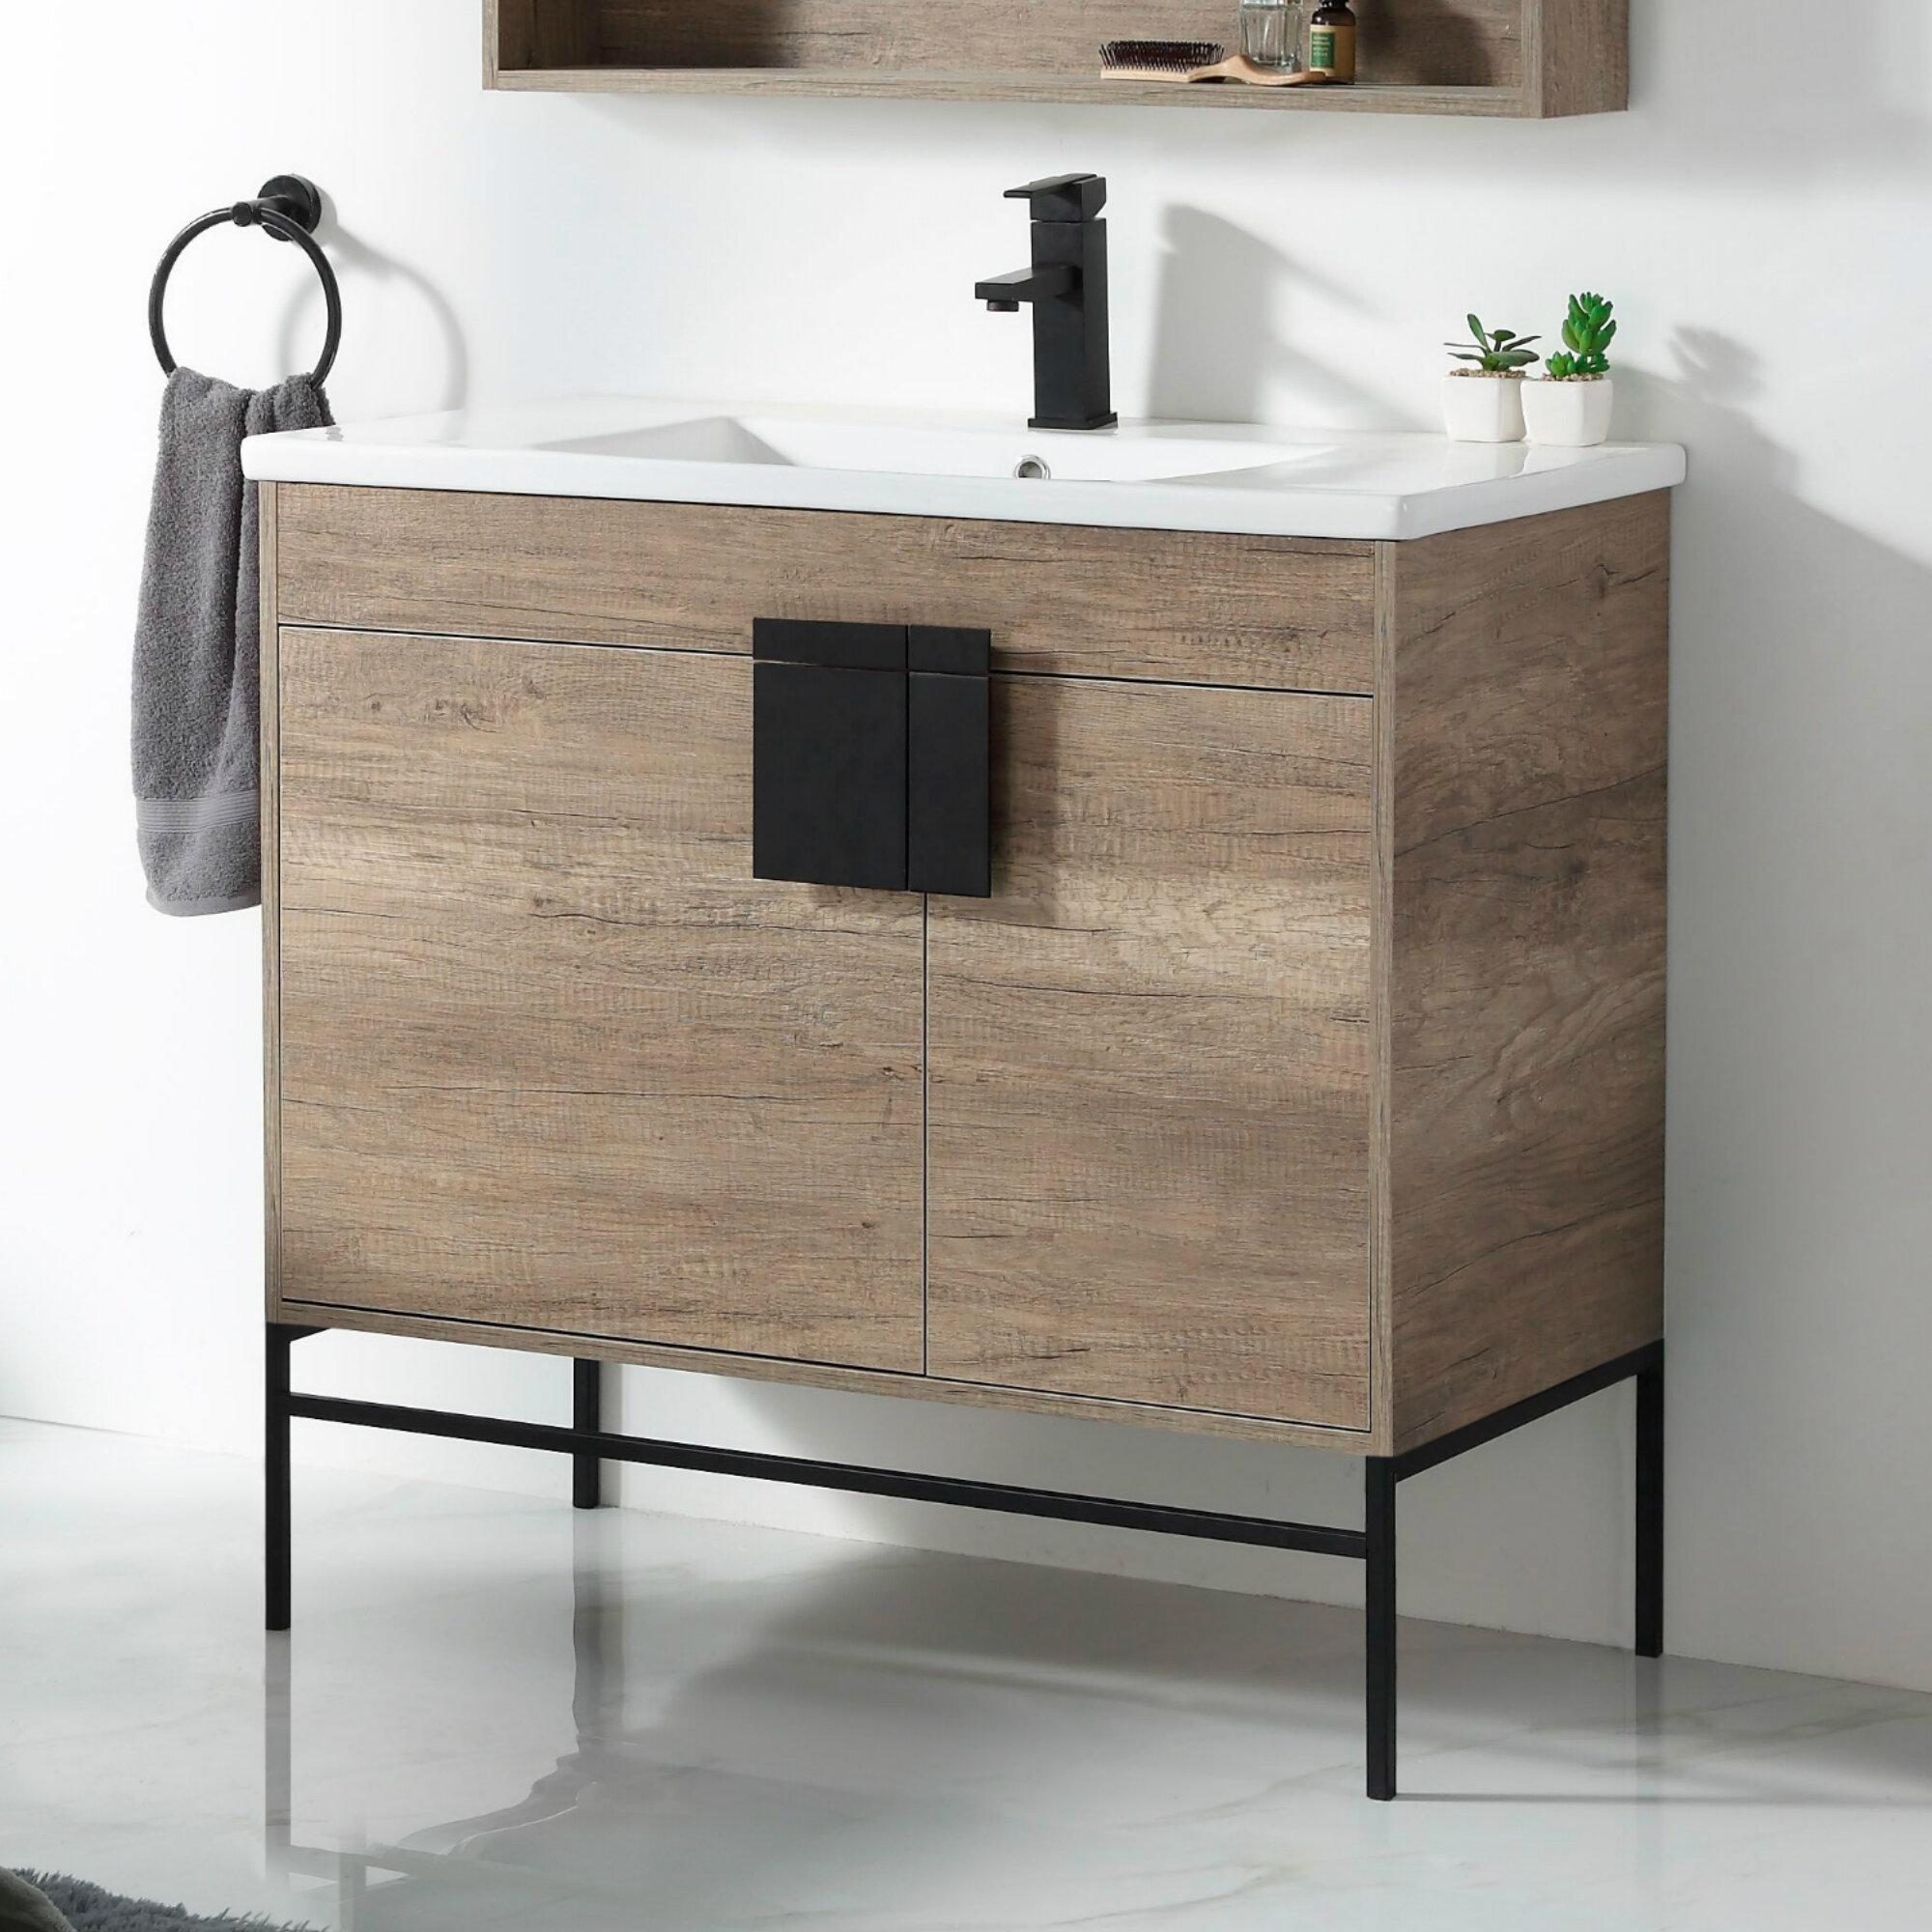 Lee 36 Single Bathroom Vanity Set Reviews Allmodern